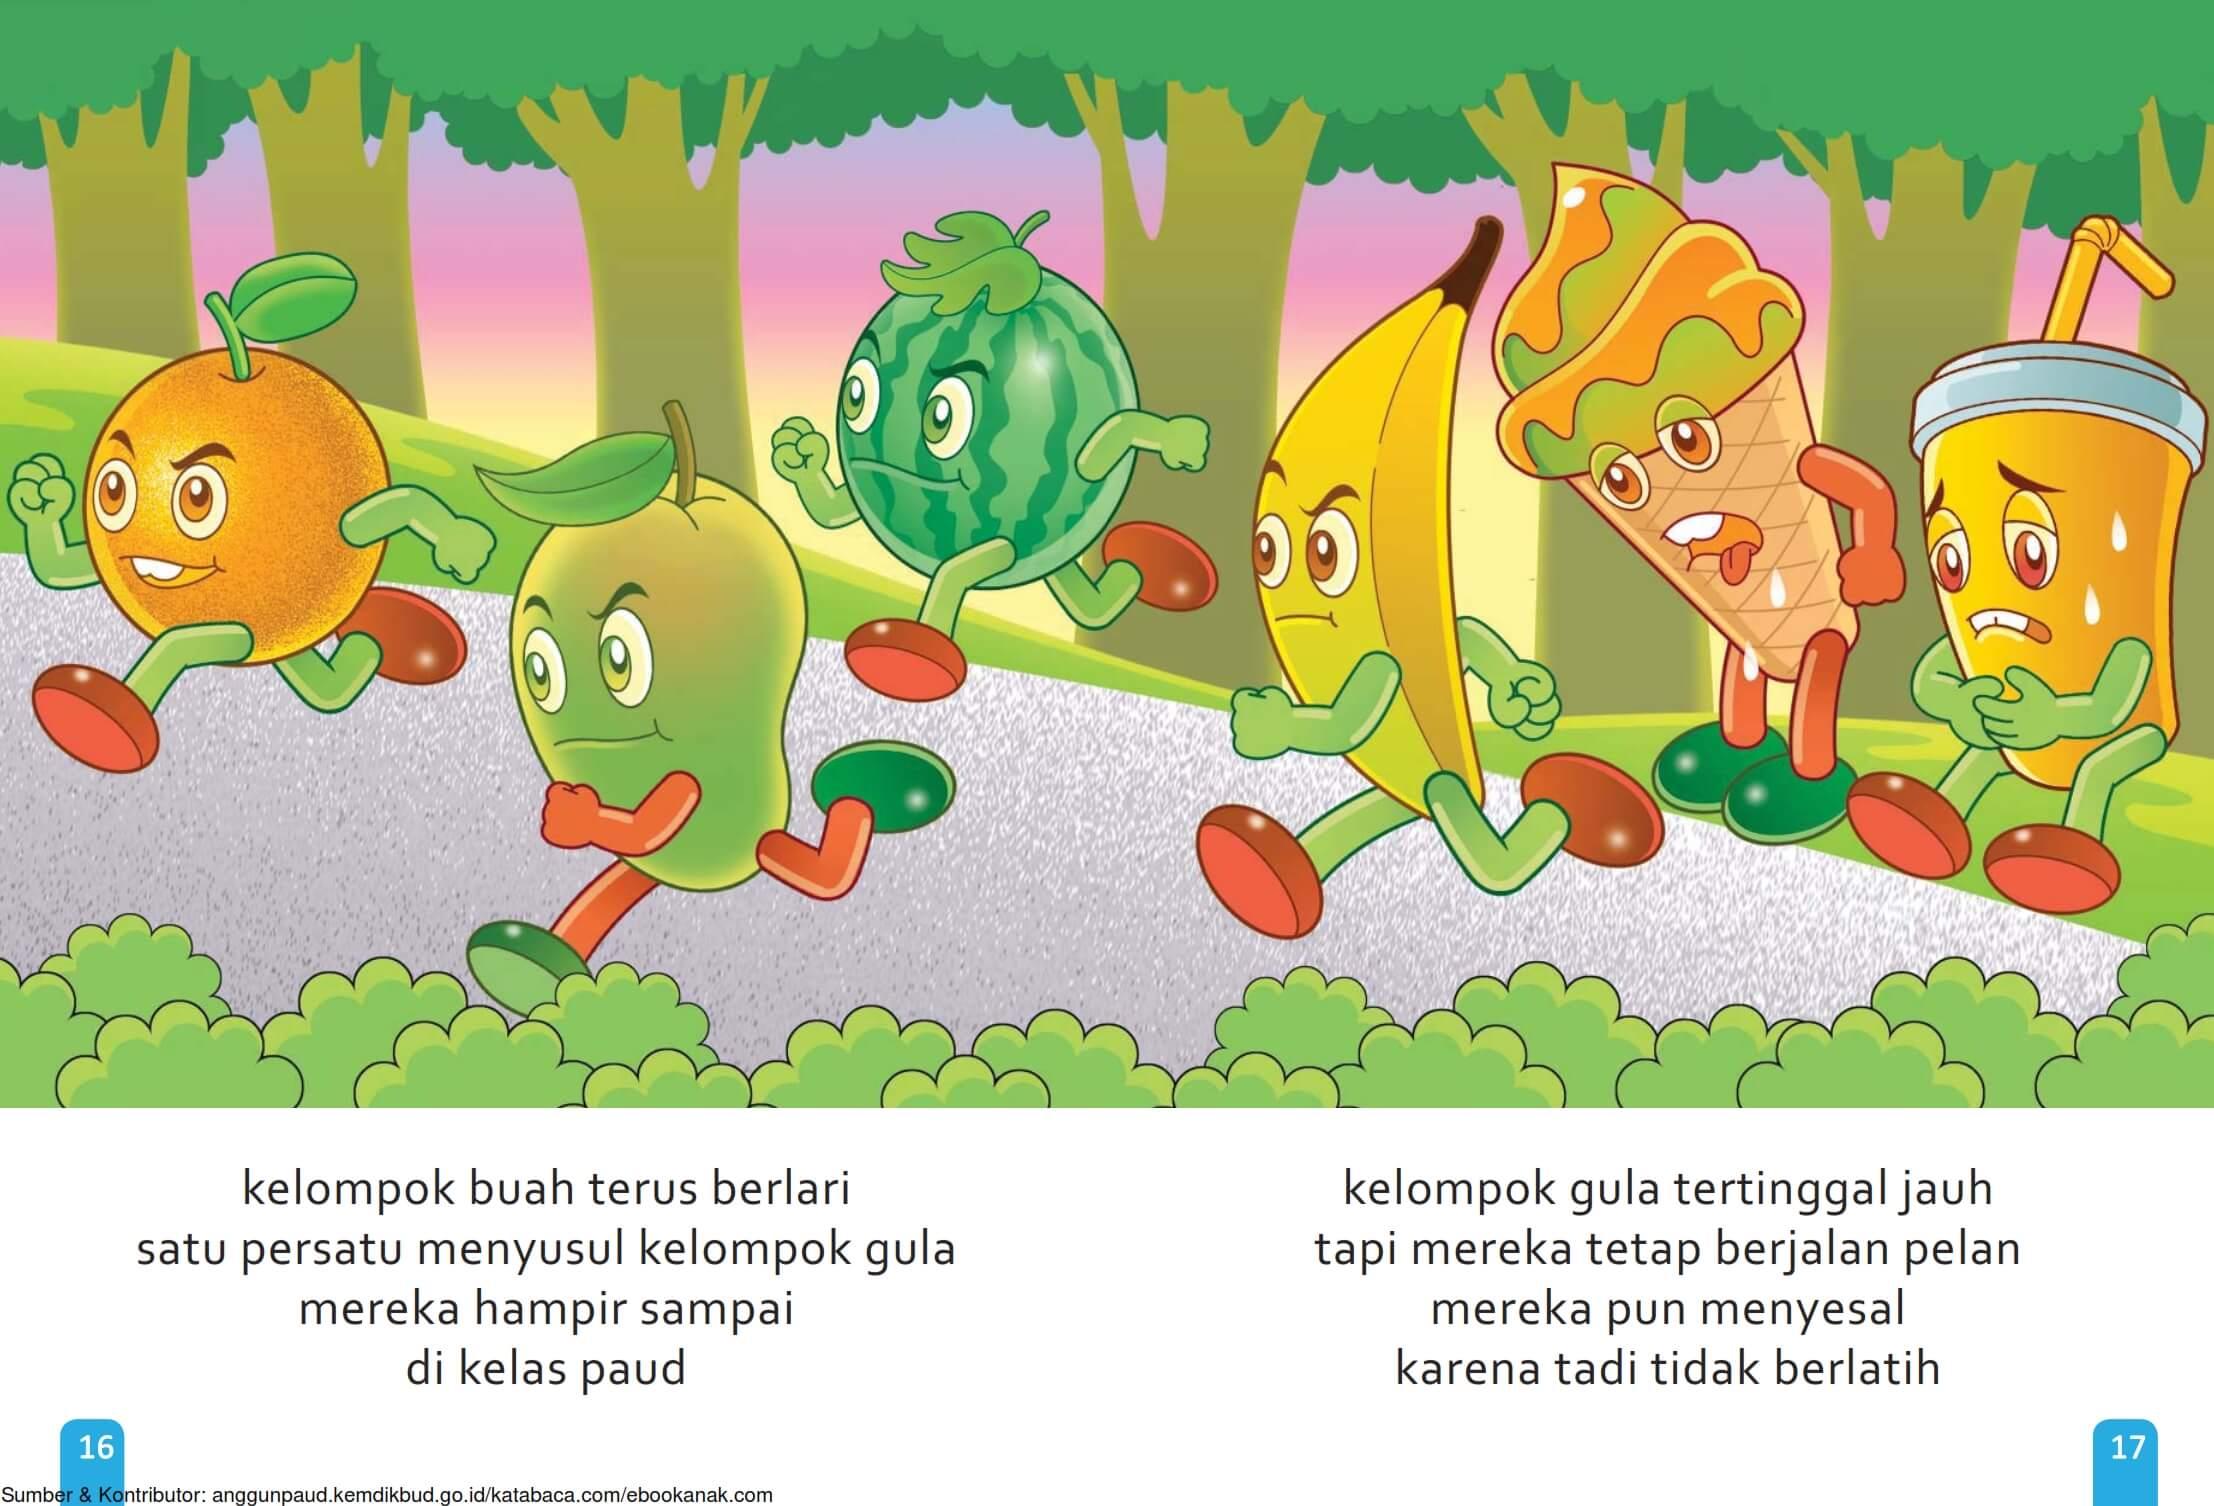 Ebook Cerita Anak, Aku Suka Buah, Kelompok Gula Terus Berlari (11)